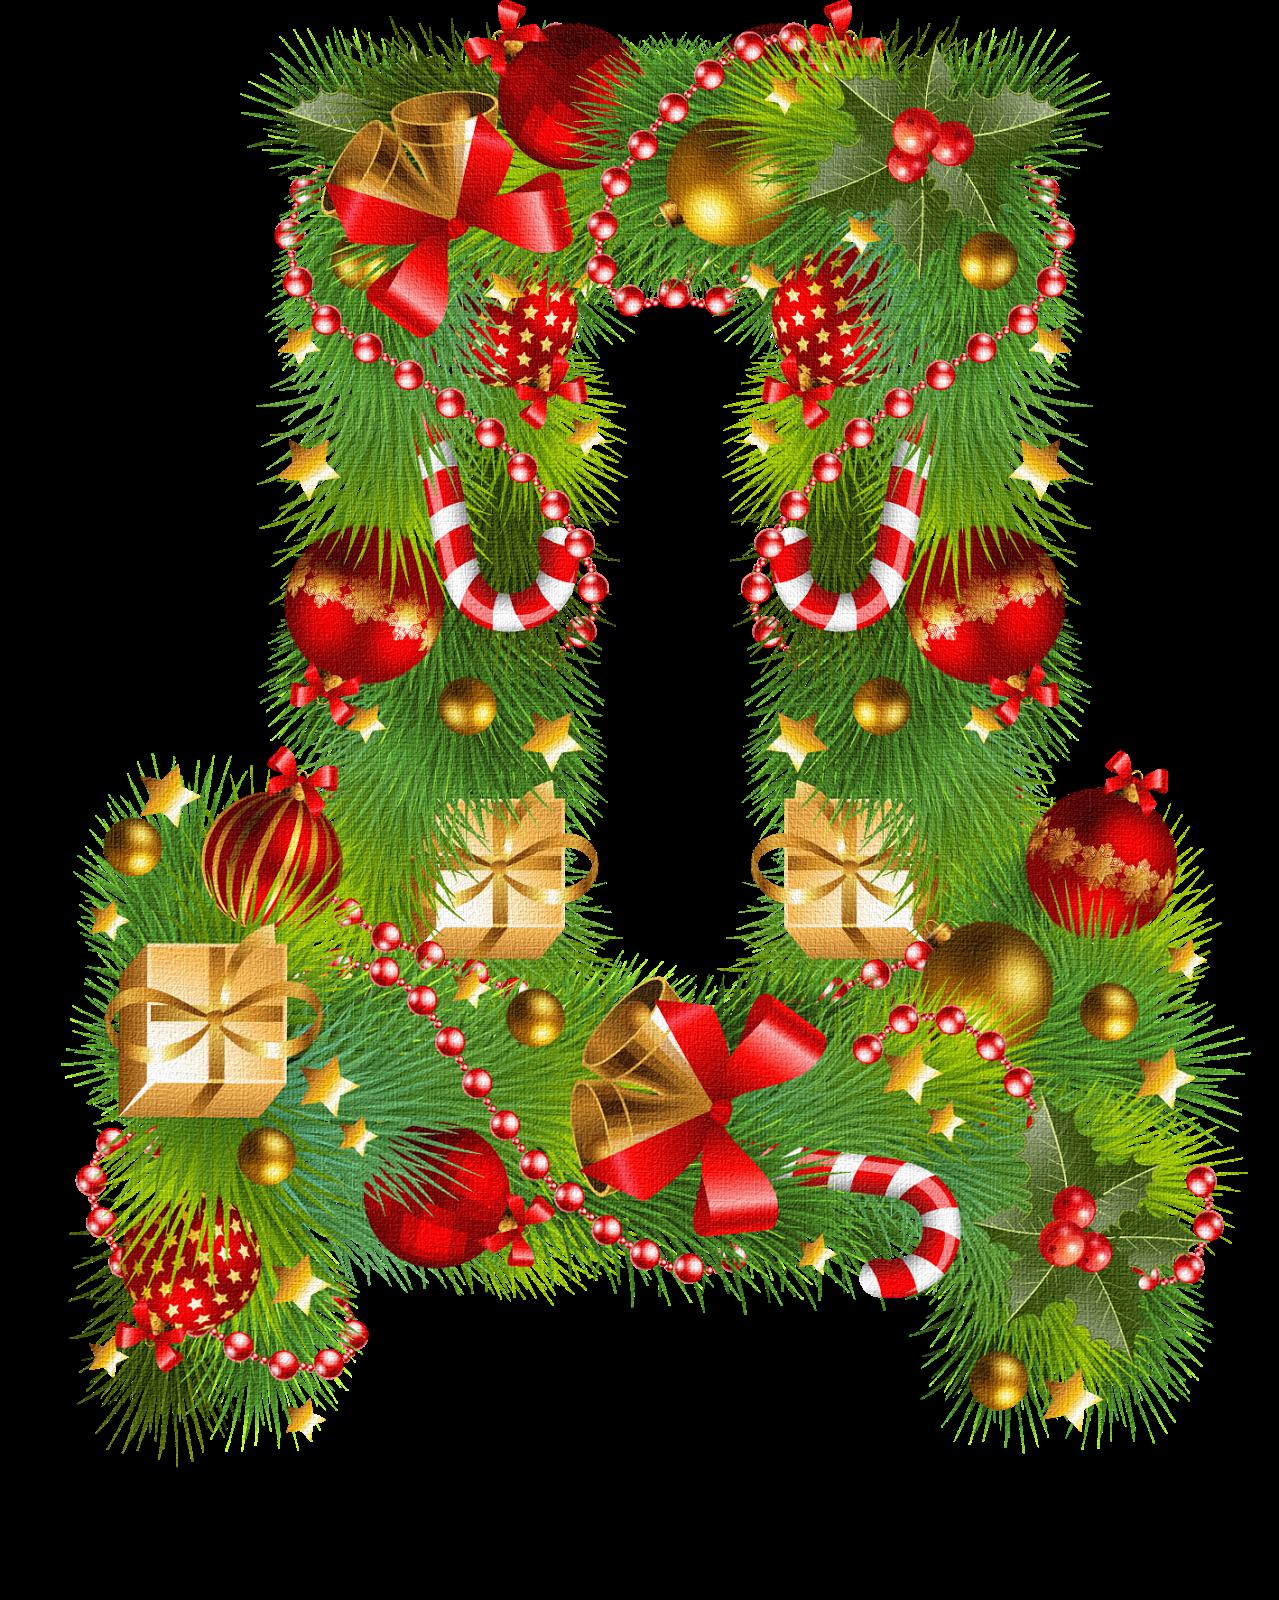 Yeni Il Hərfləri 2017 Paper Crafts Christmas Wreaths Crafts